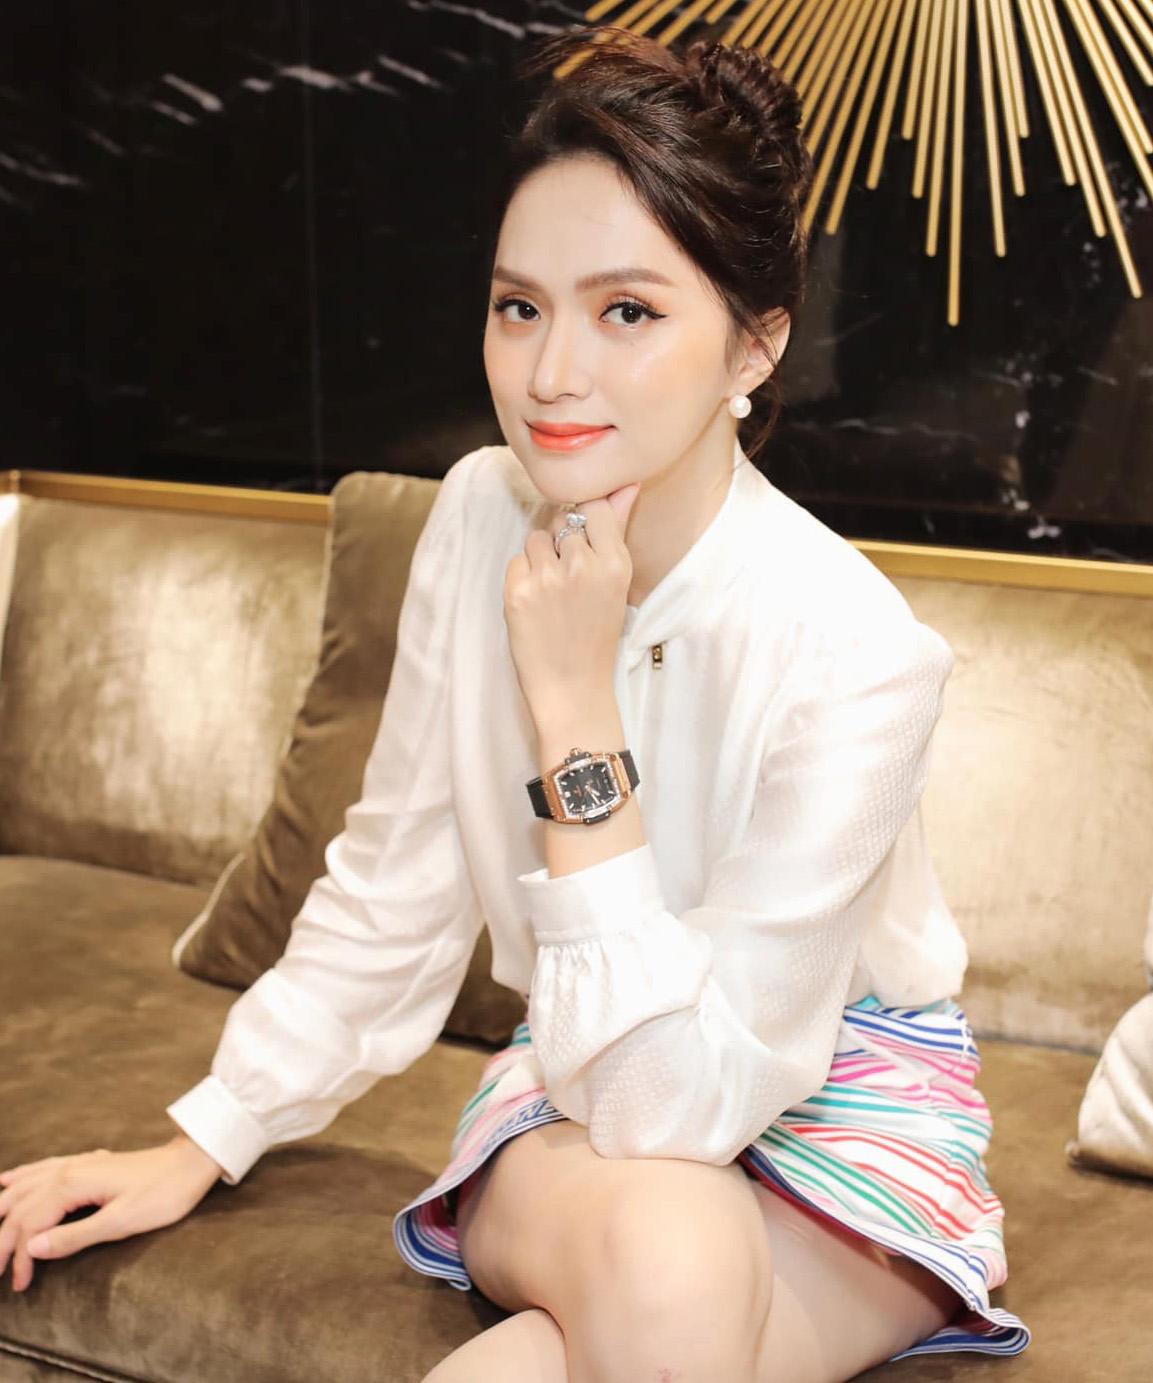 Cùng một lúc, Hương Giang mua ba mẫu đồng hồ khác nhau với tổng giá trị lên tới hơn 2 tỷ đồng. Hoa hậu tiết lộ, cô là con nghiện đồng hồ nên luôn thích sưu tầm những mẫu hàng hiếm, đẳng cấp và sành điệu nhất.